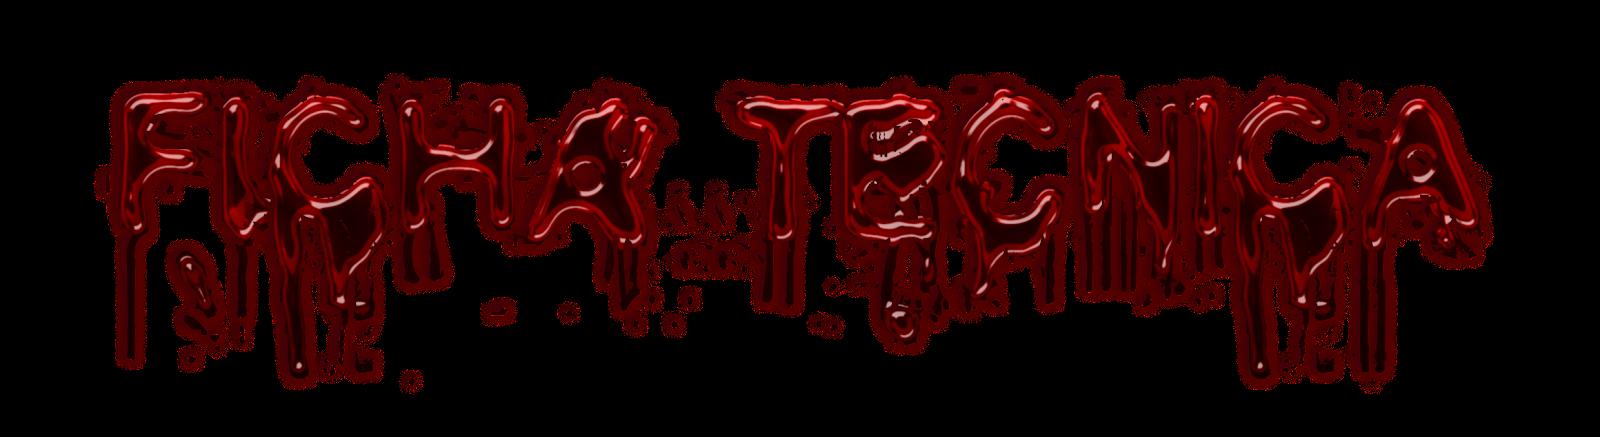 El legado del Diablo - 2018 [HD] [1080p] [Latino]